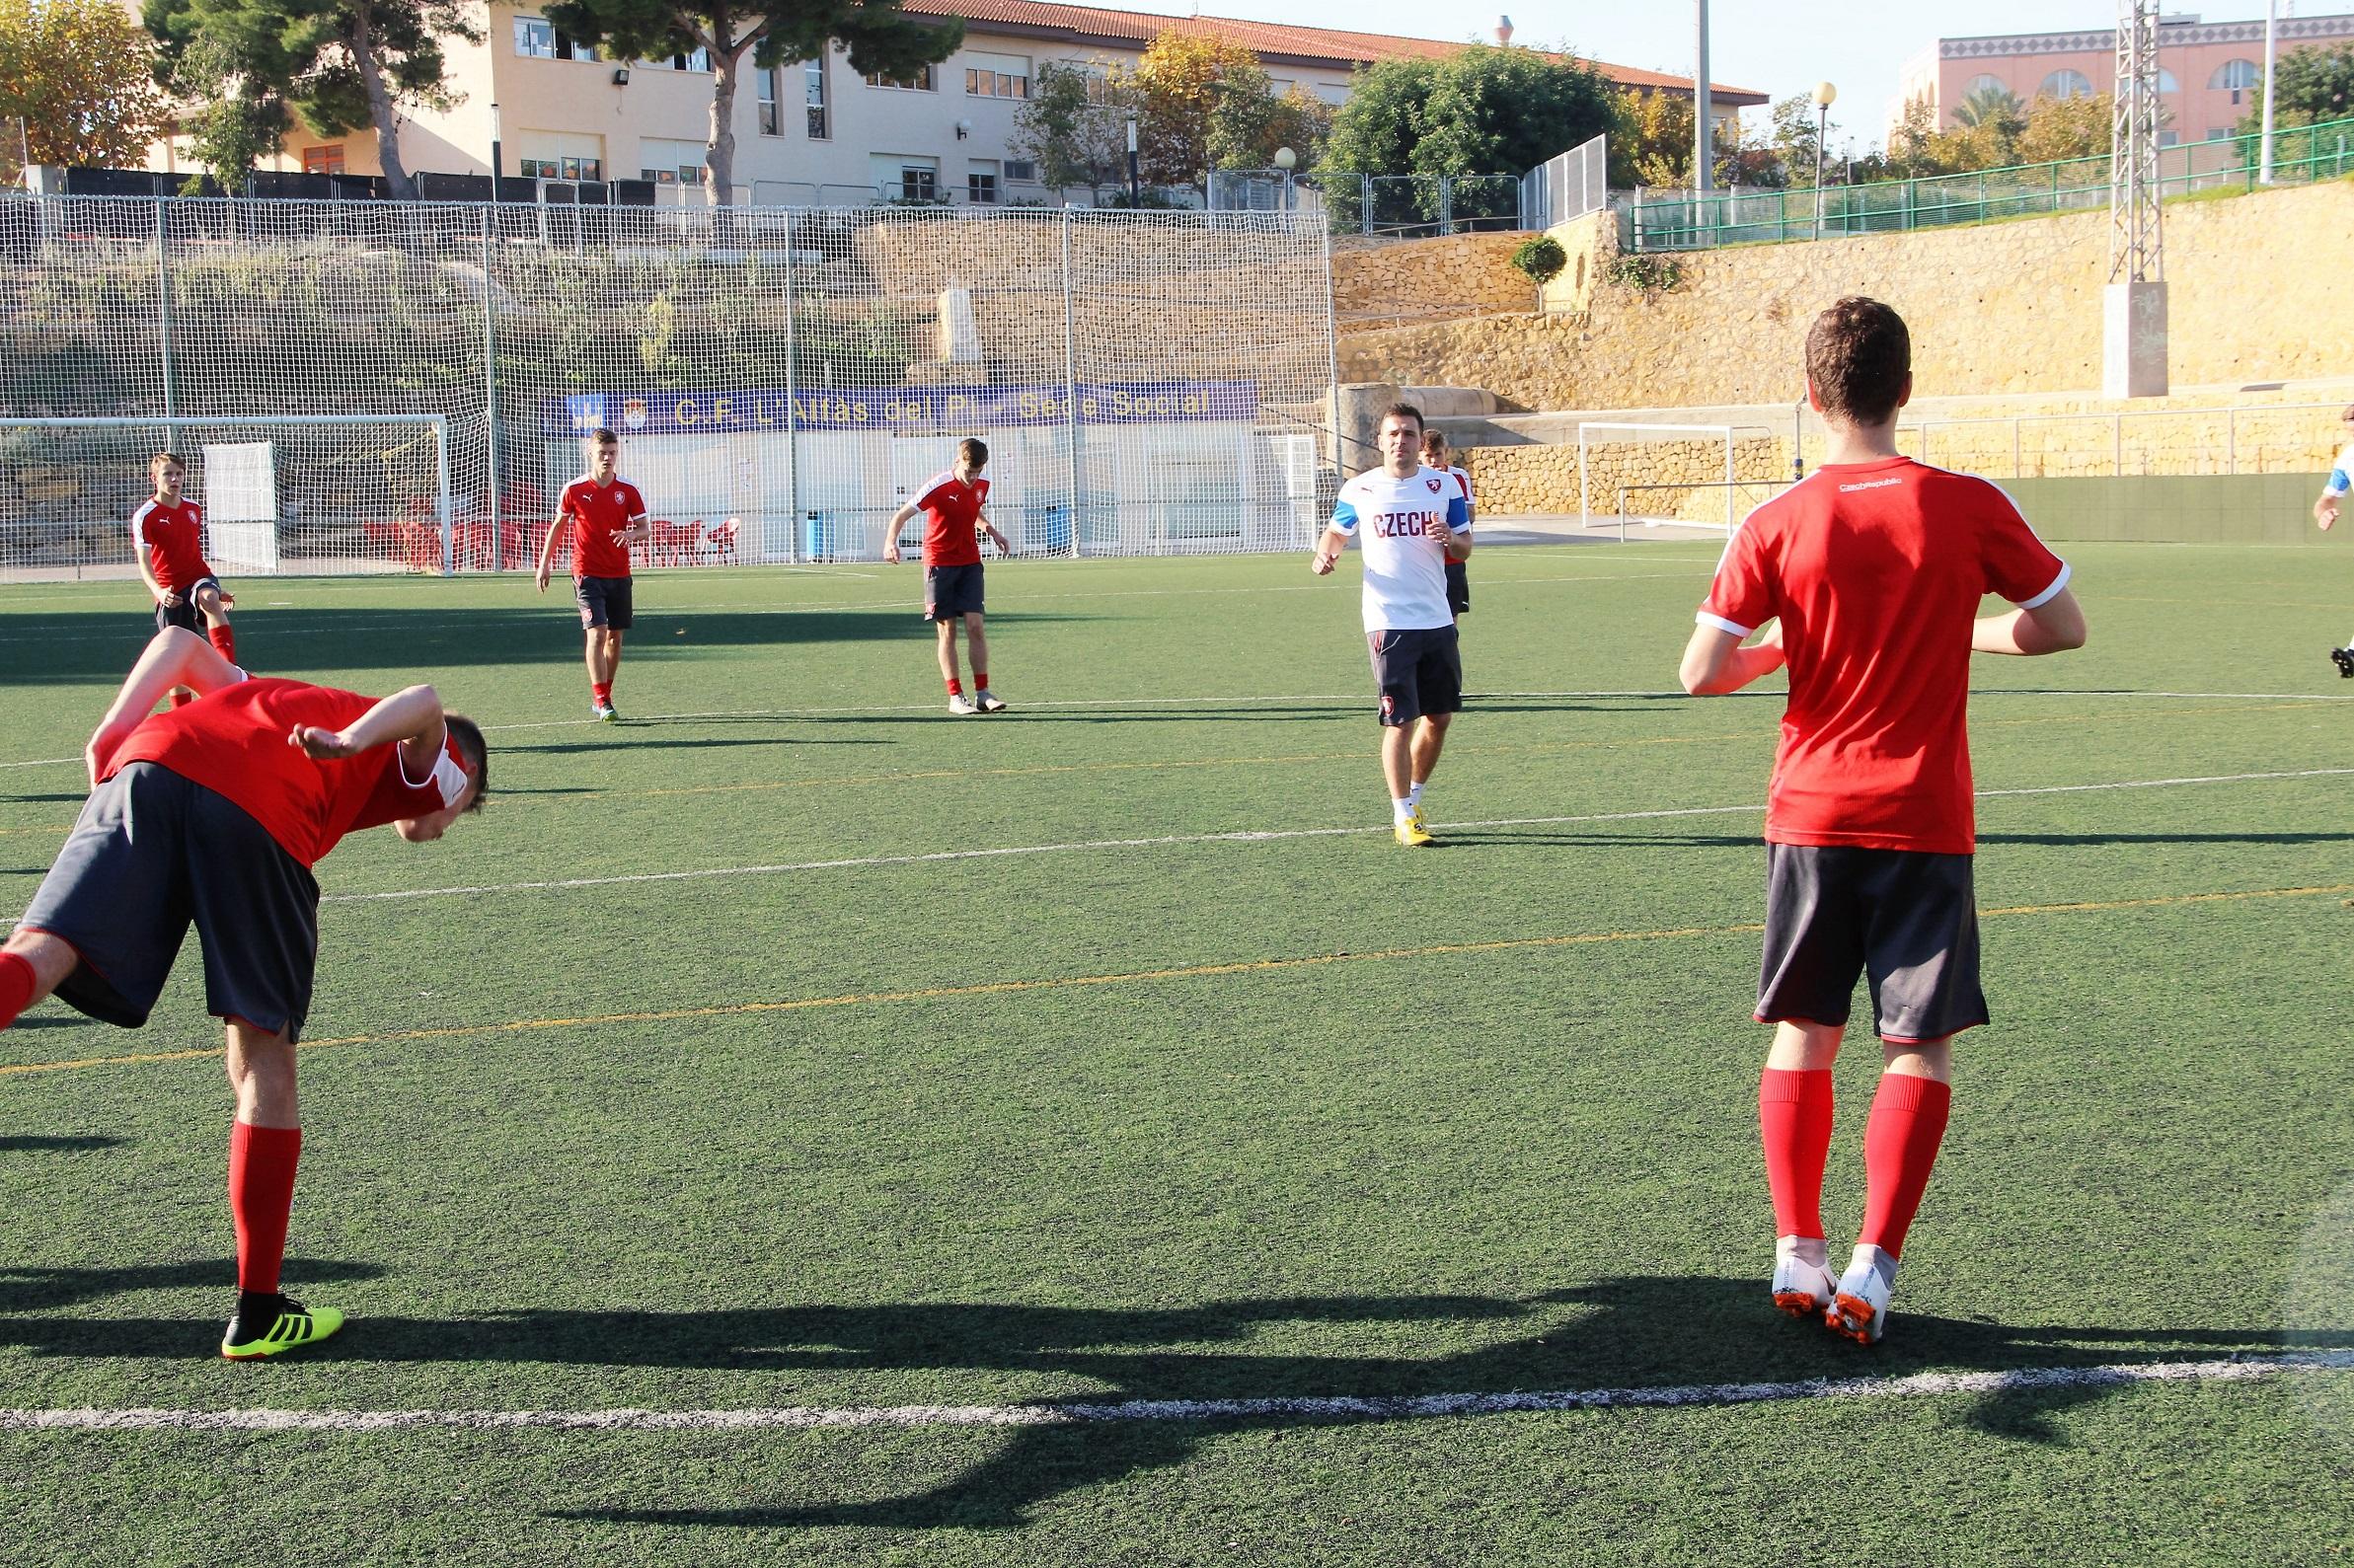 El miércoles juega la selección española sub 15 en l'Alfàs del Pi contra la república Checa.